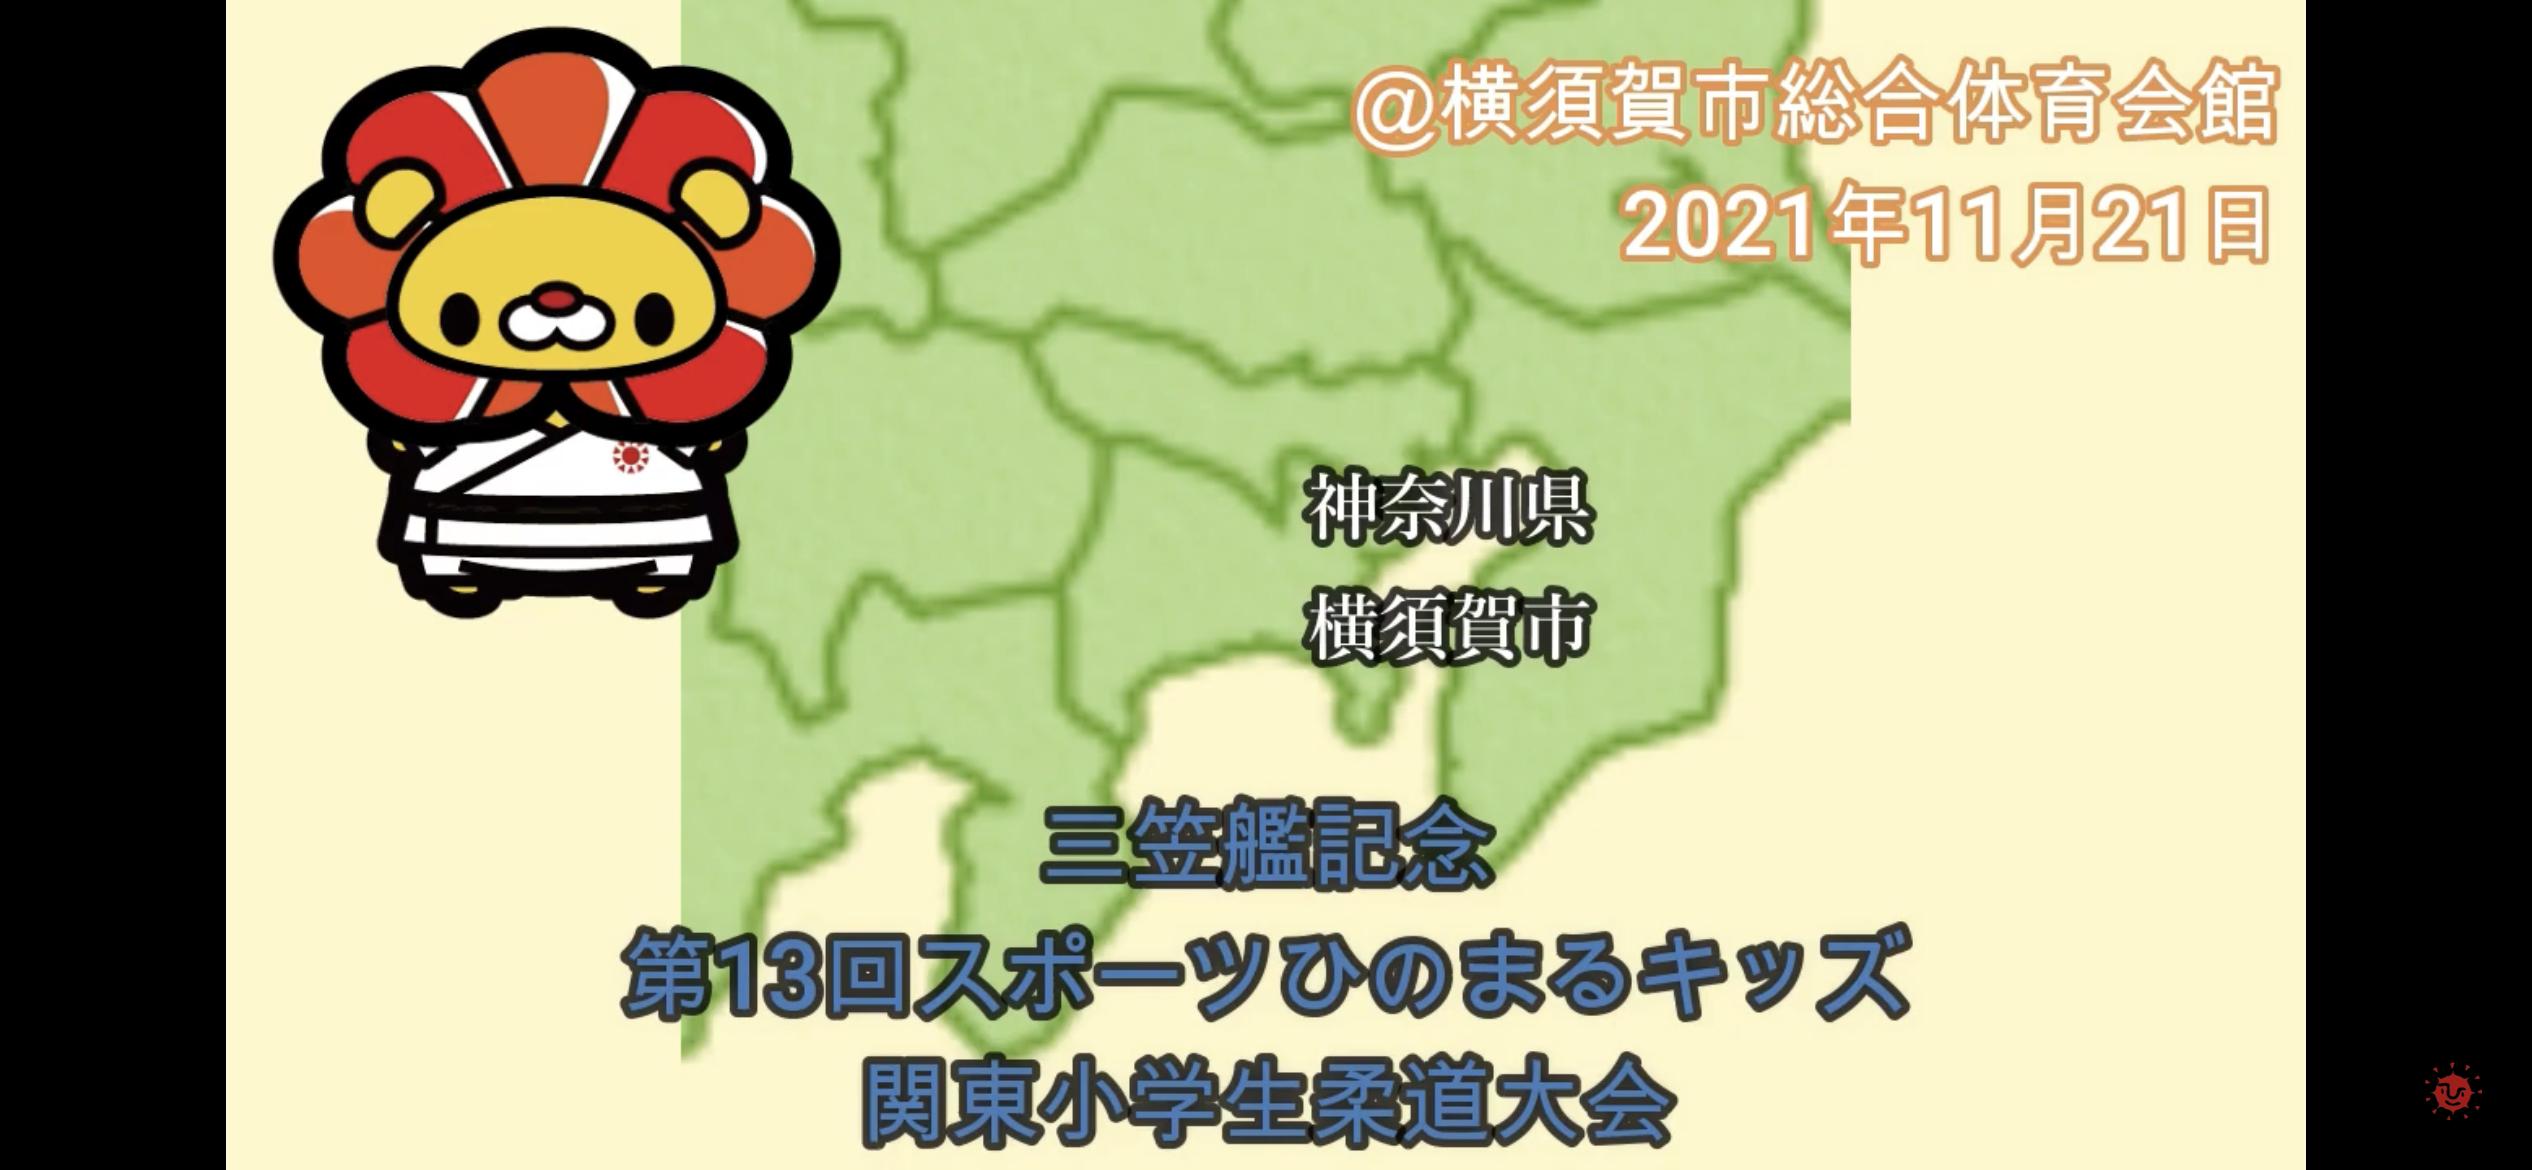 三笠艦記念 第13回スポーツひのまるキッズ 関東小学生柔道大会(神奈川県横須賀市)